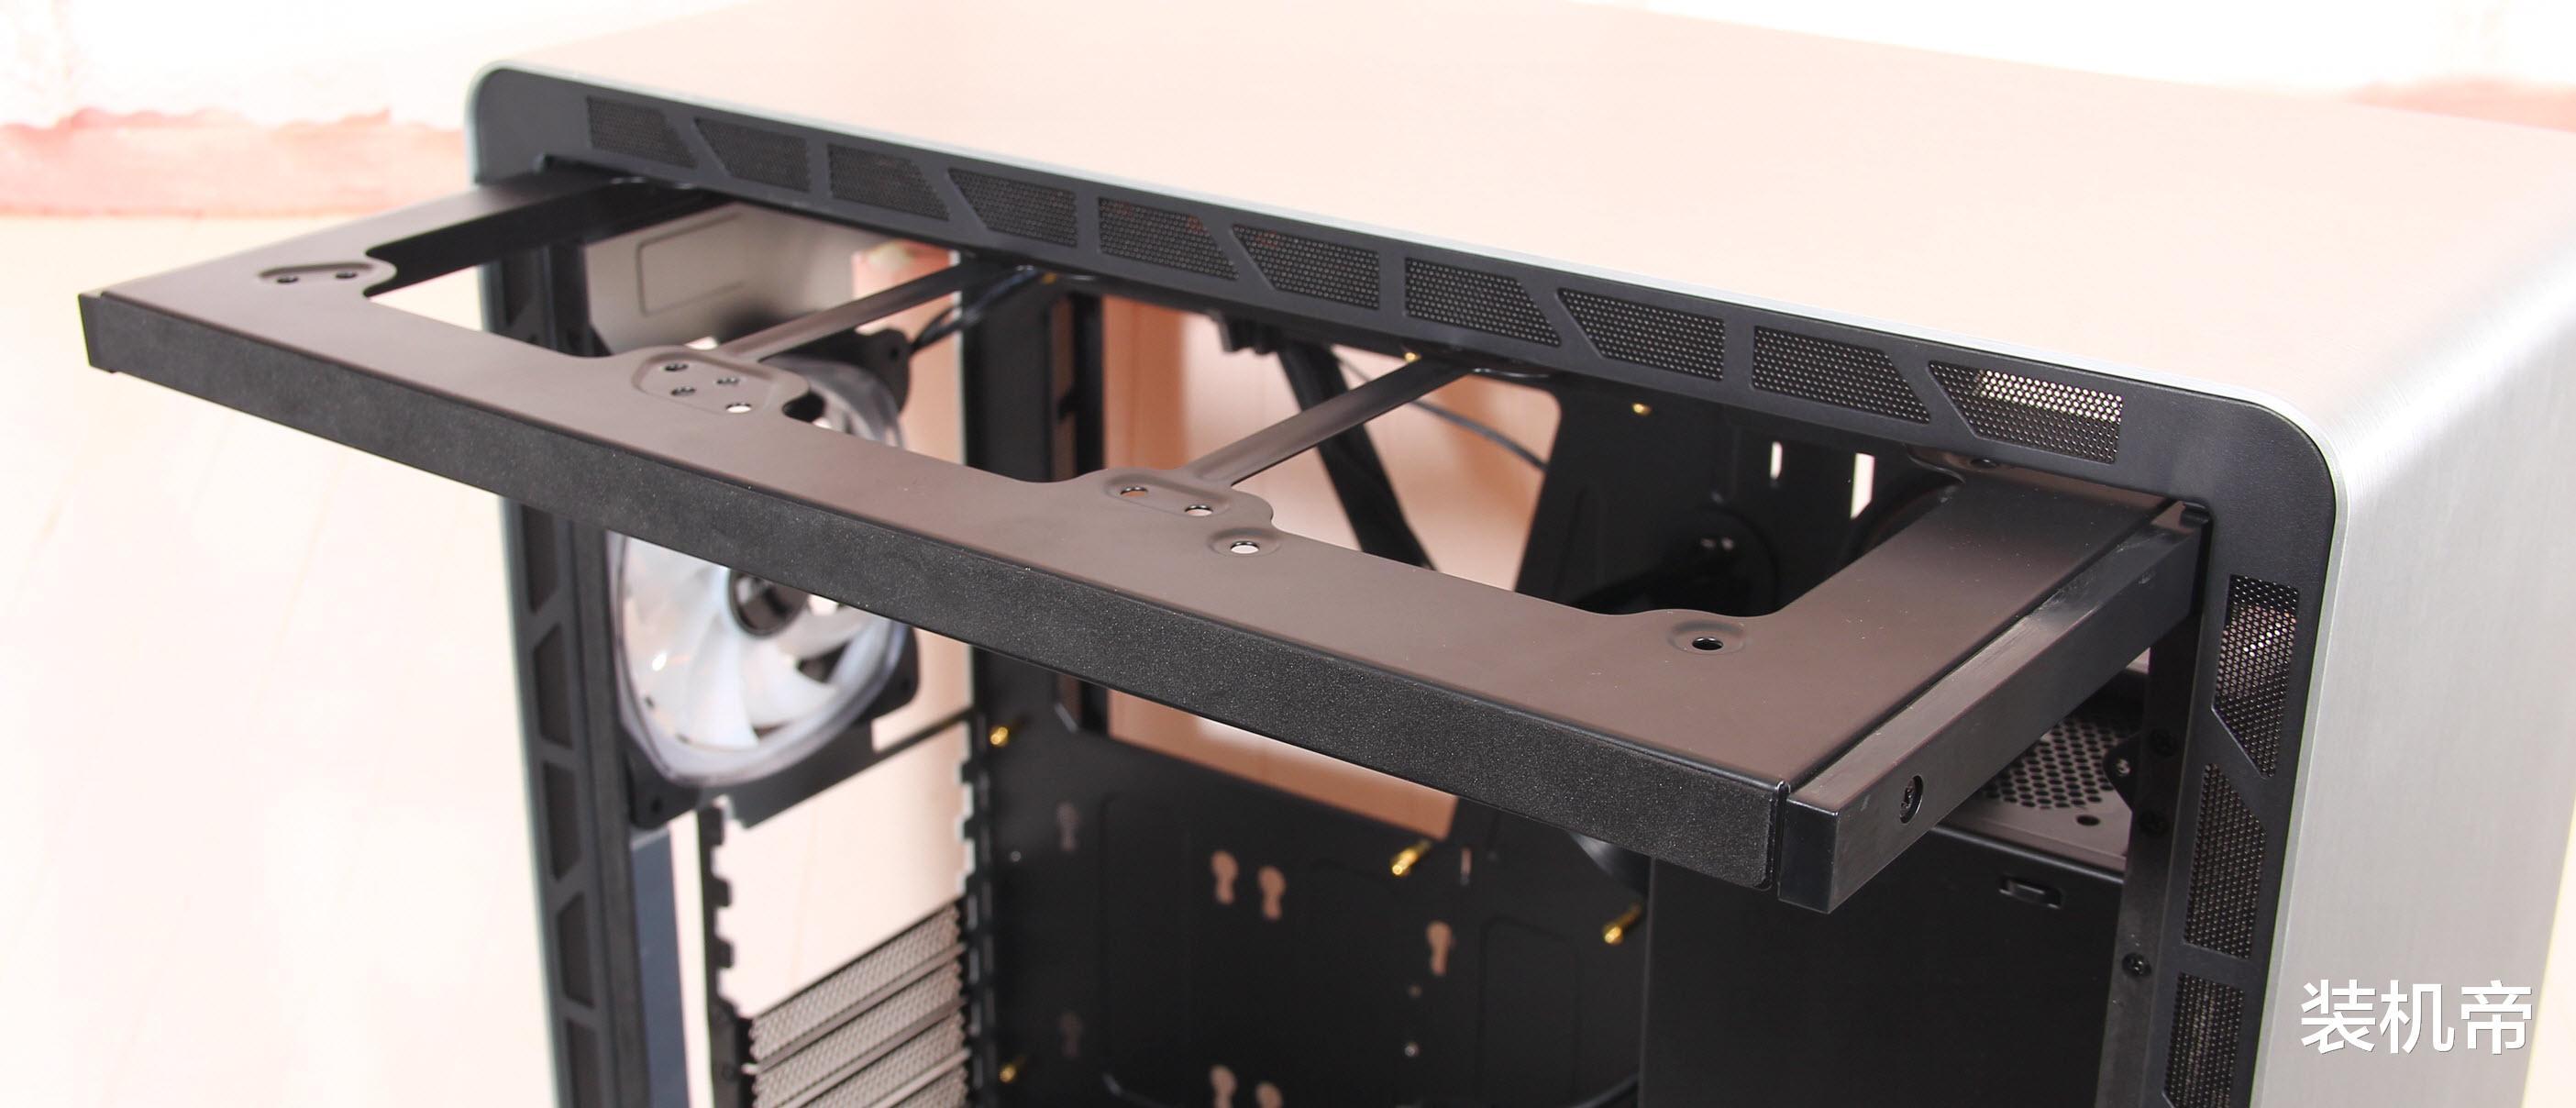 台电腾龙G40DDR43000MHz8G内存的售价还很 好物评测 第7张